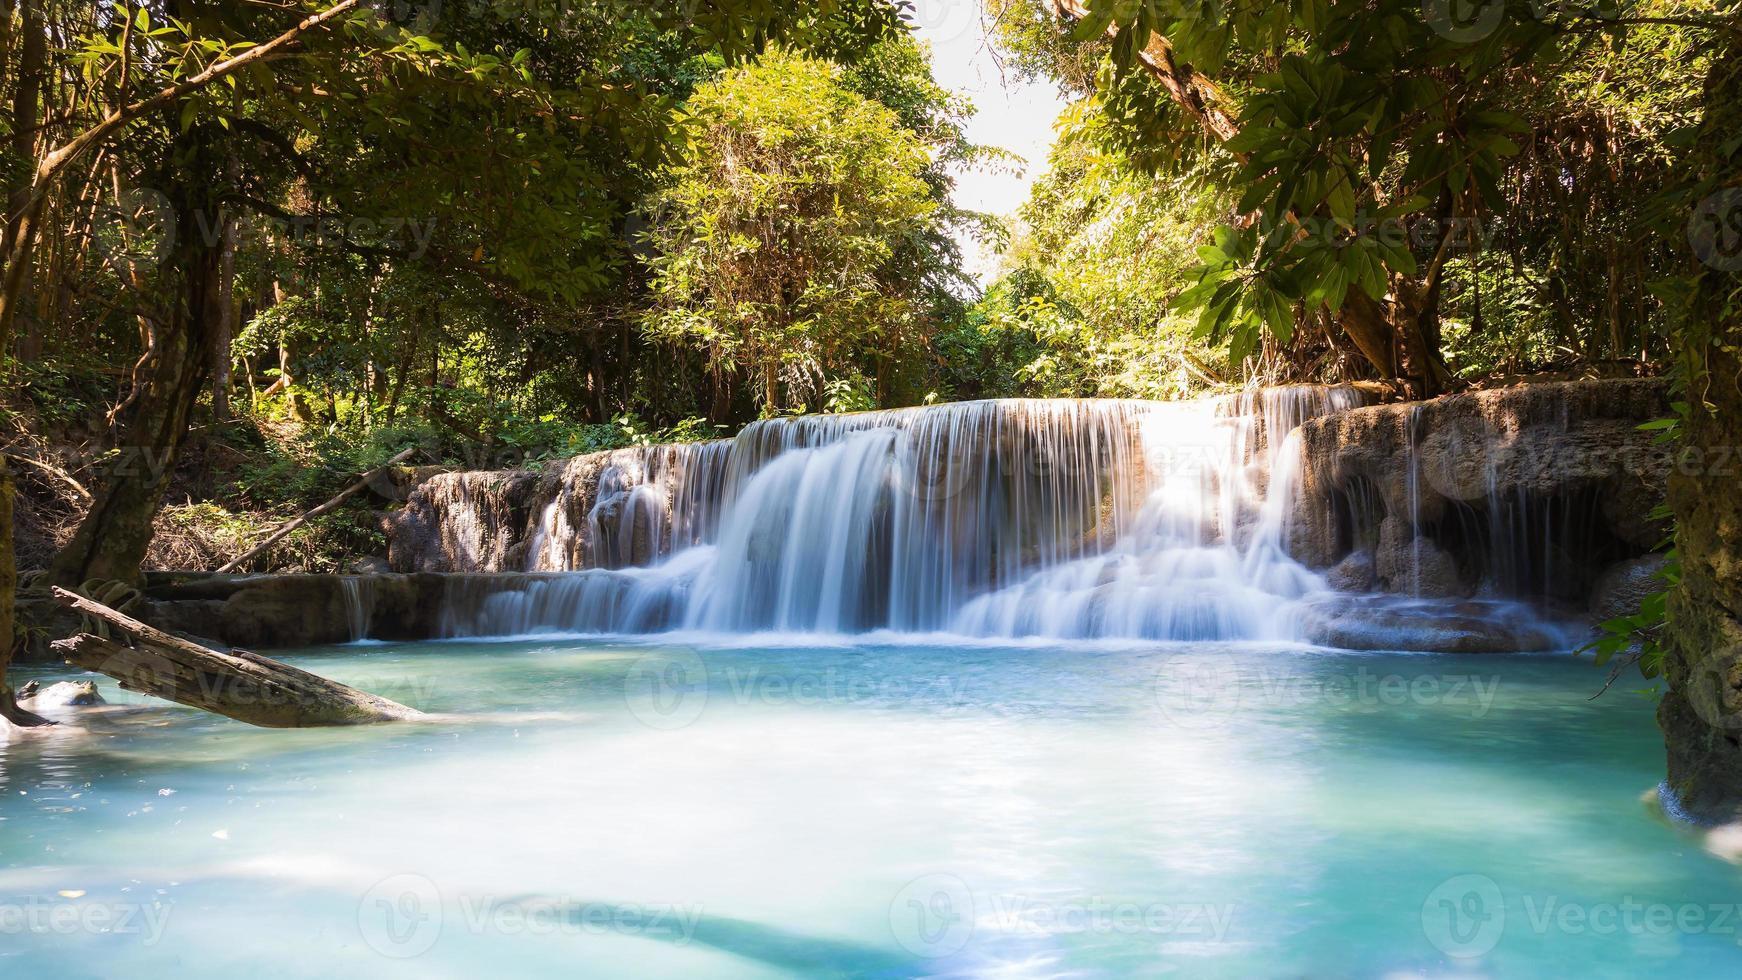 schöne tiefwaldblaue Bachwasserfälle foto